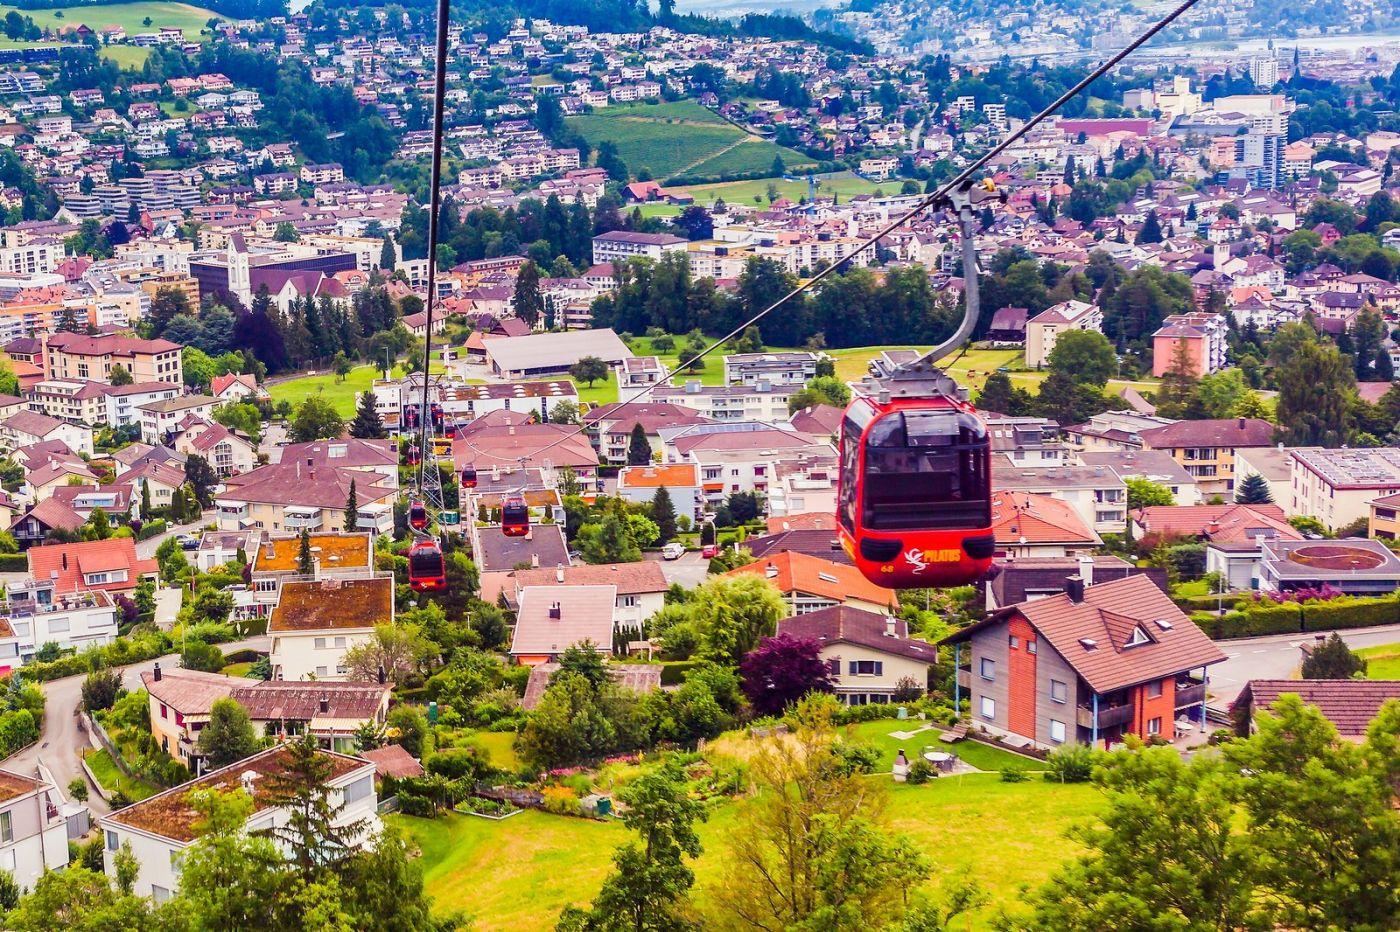 瑞士卢塞恩(Lucerne),坐缆车看风景_图1-20